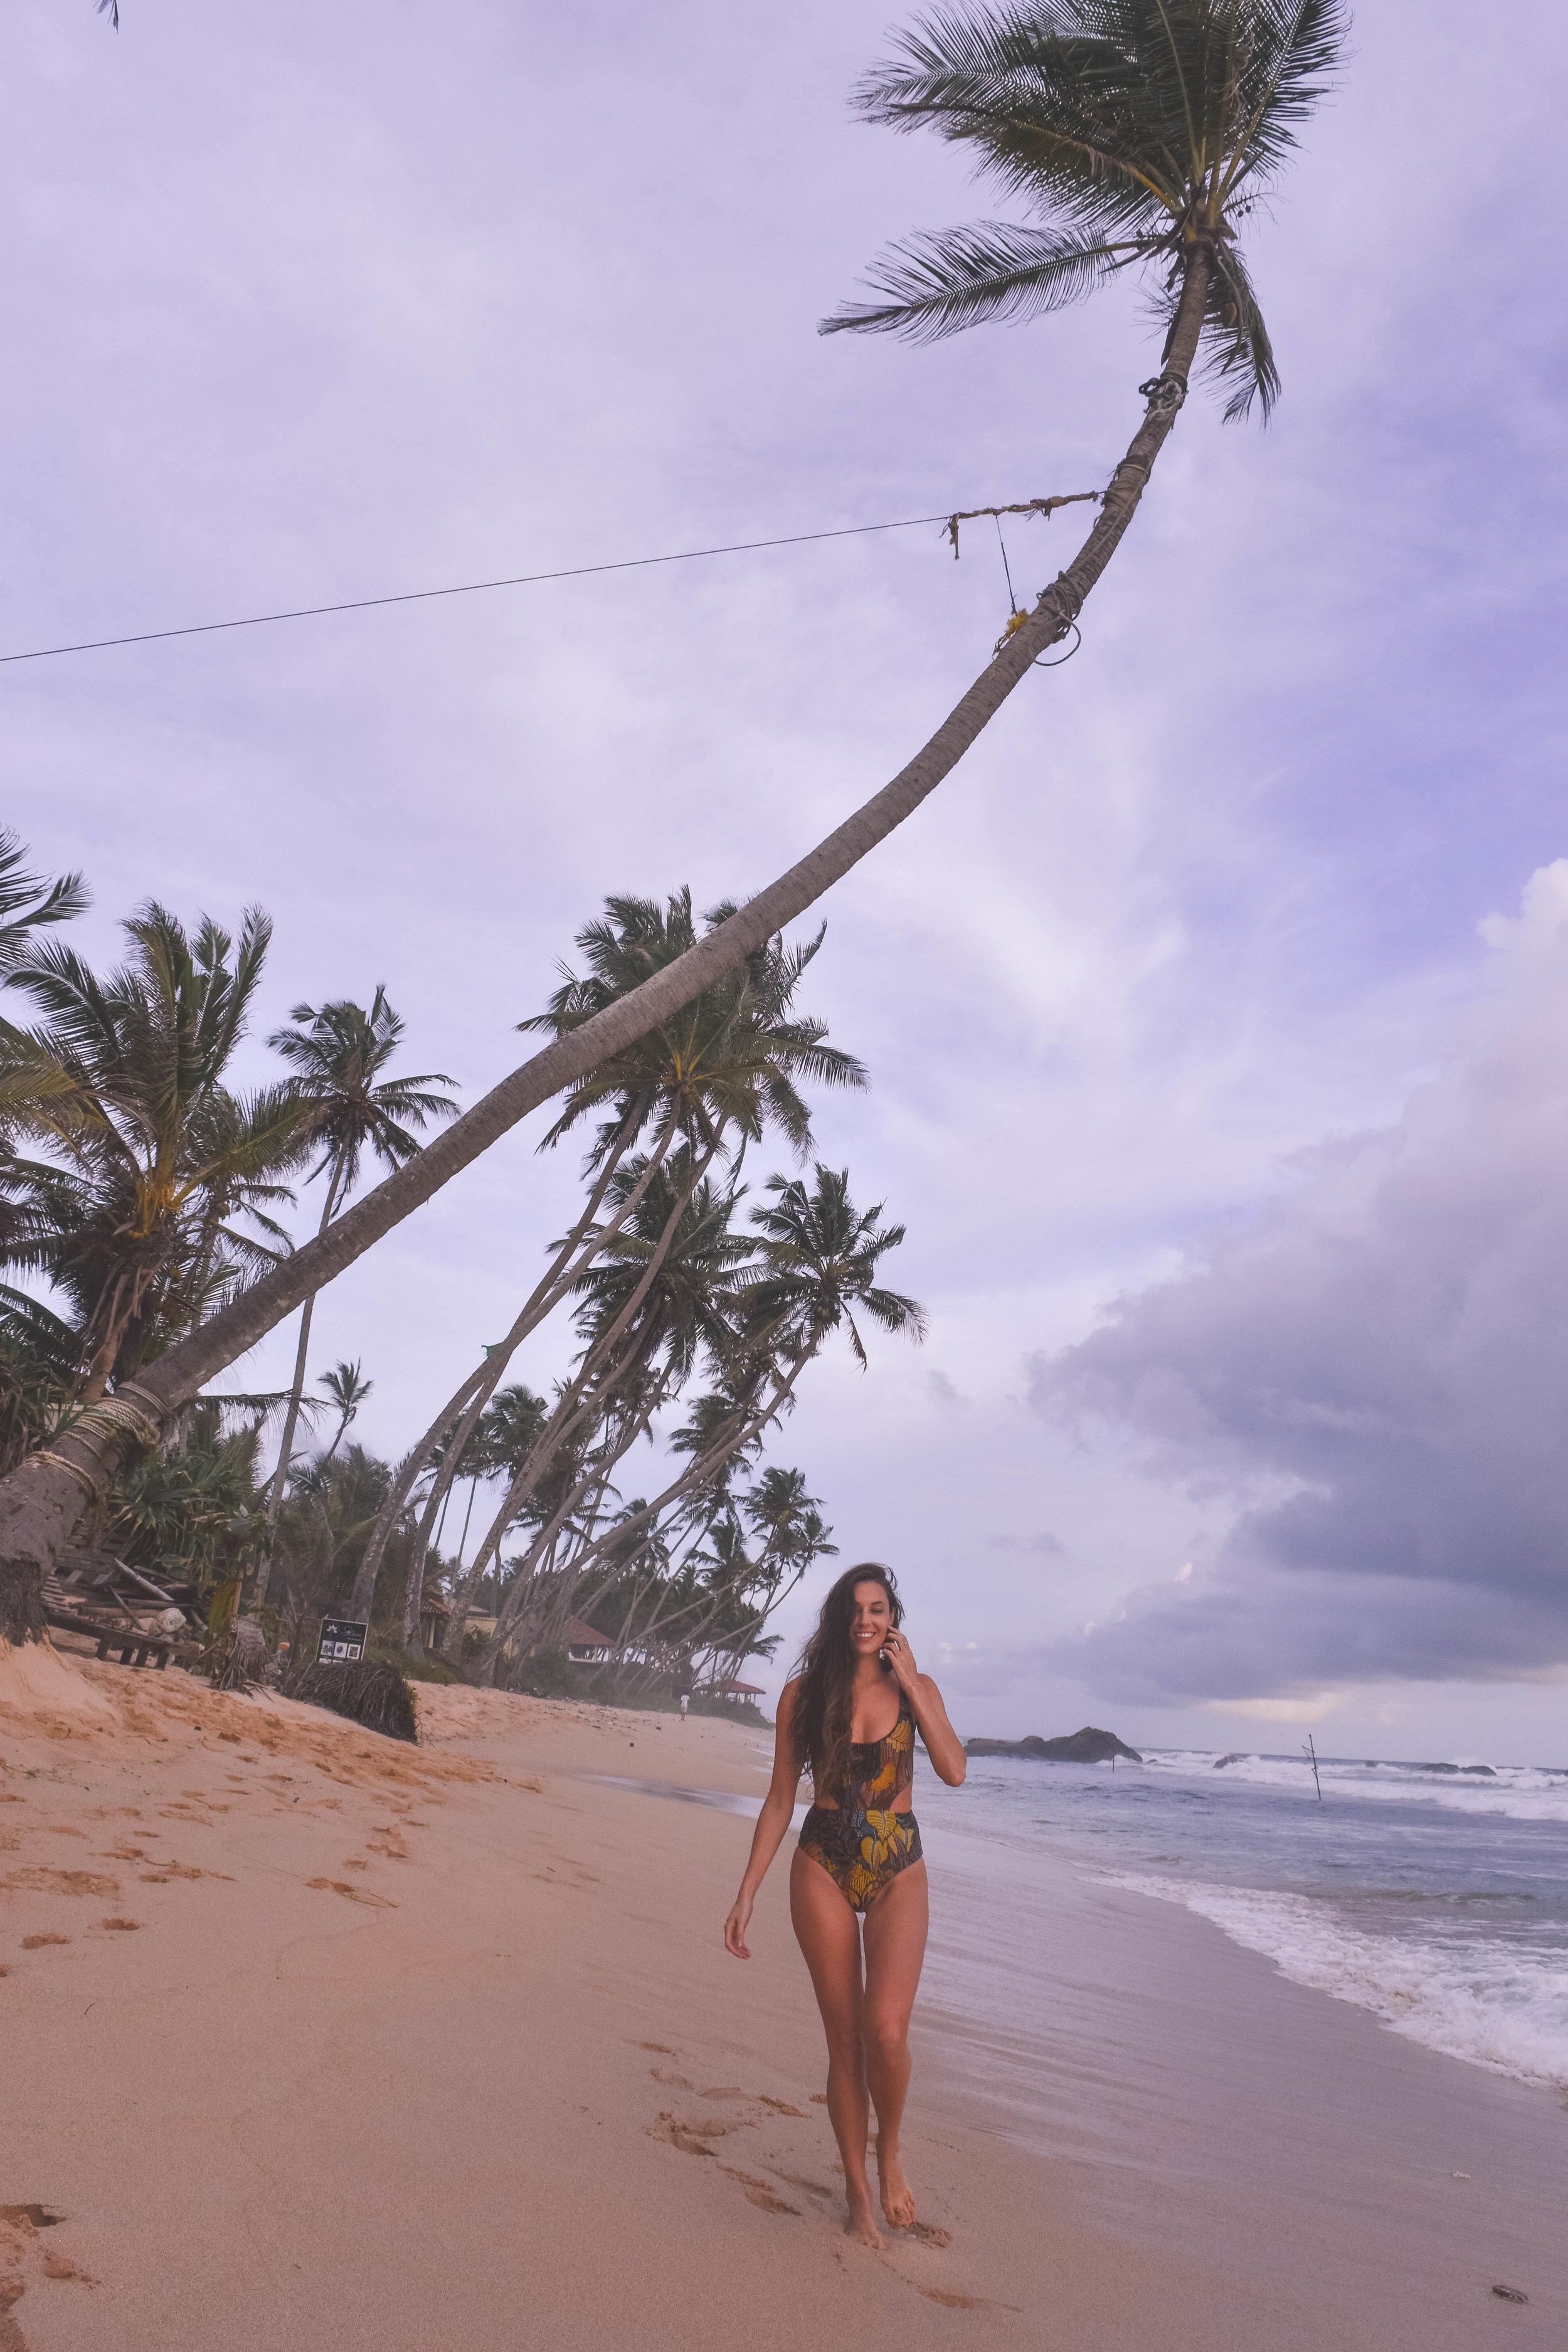 Unawatuna Beach, Galle Sri Lanka